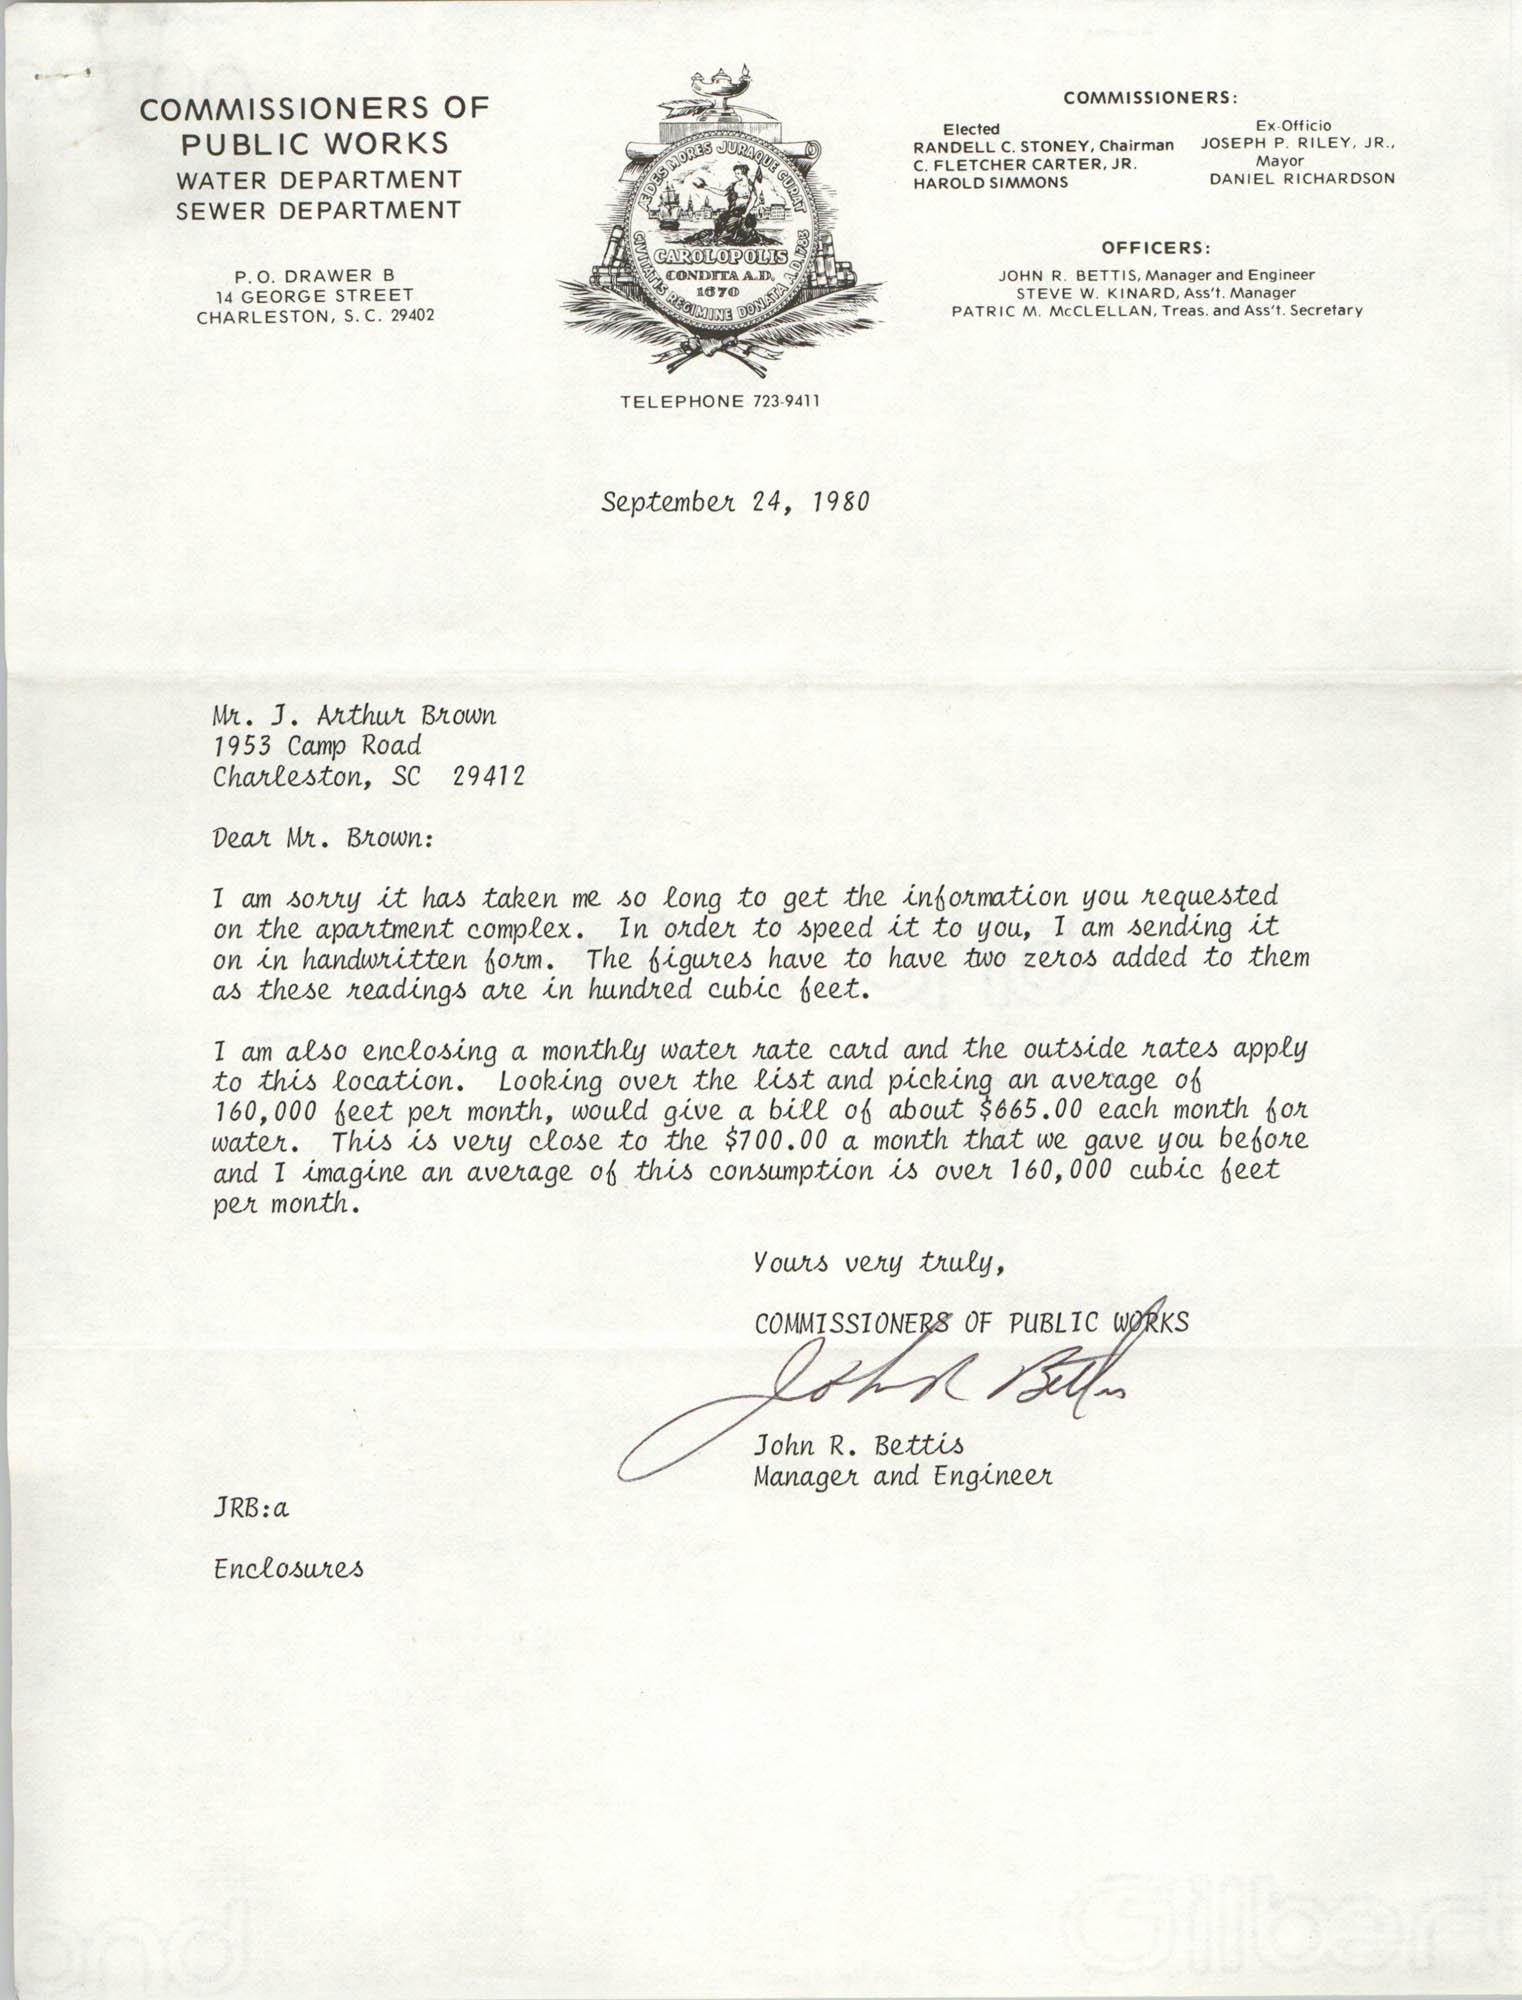 Letter from John R. Bettis to J. Arthur Brown, September 24, 1980